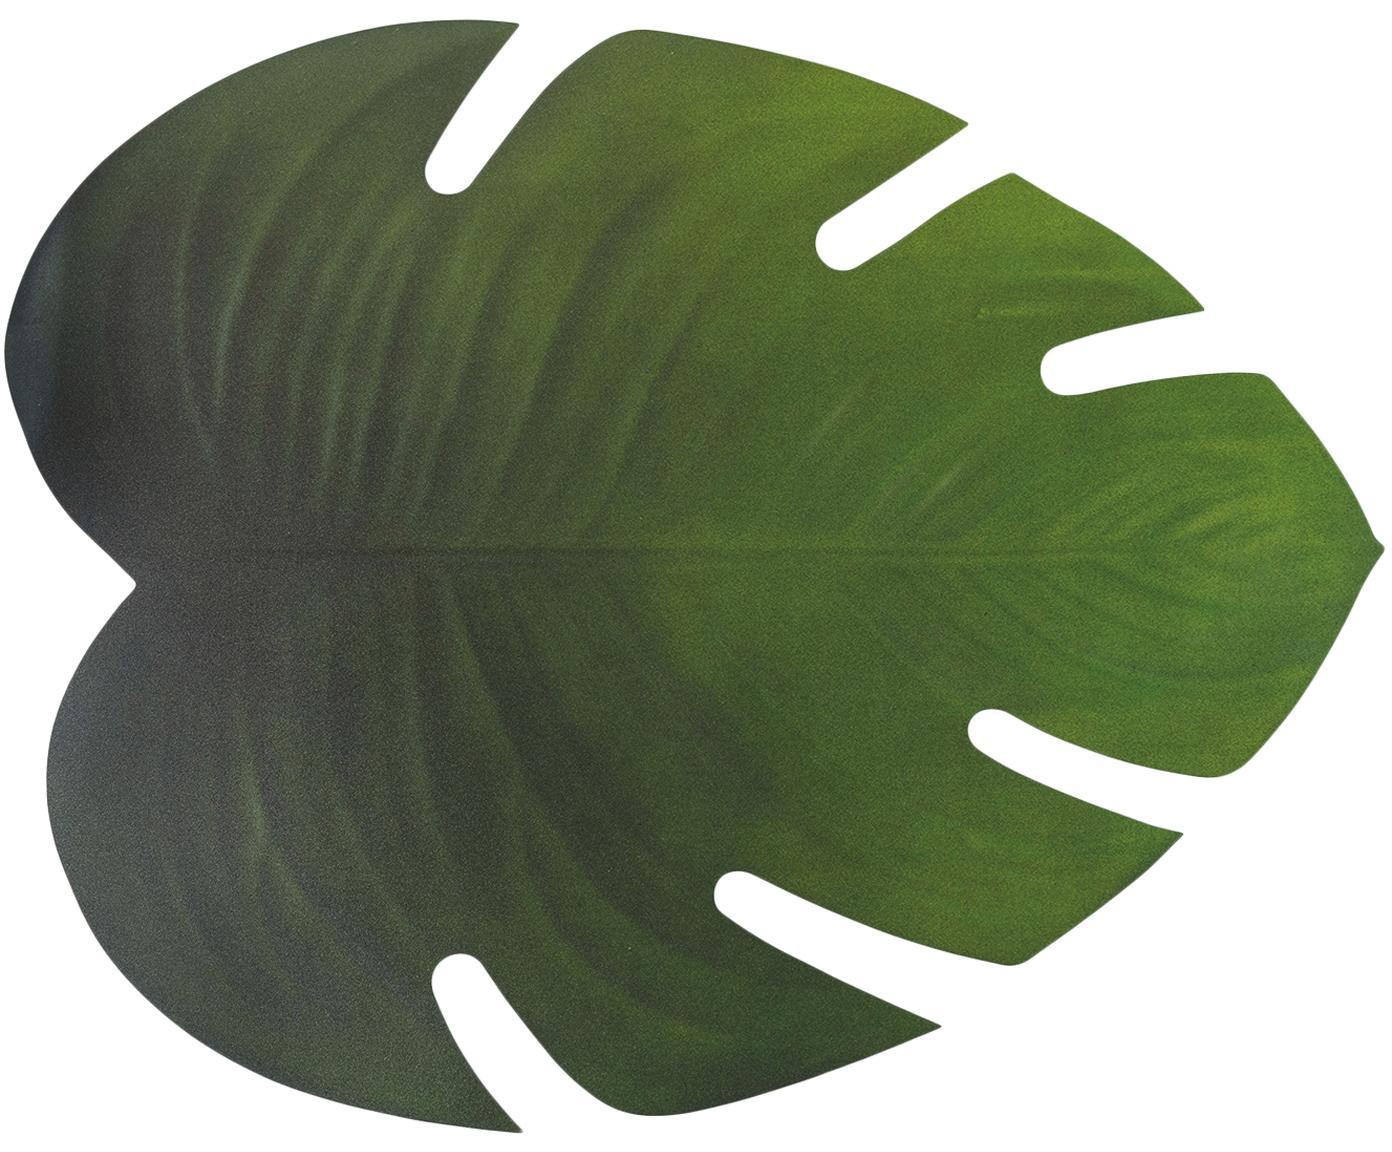 Tovaglietta americana Jungle 6 pz, Materiale sintetico (PCV), Verde, Larg. 37 x Lung. 47 cm